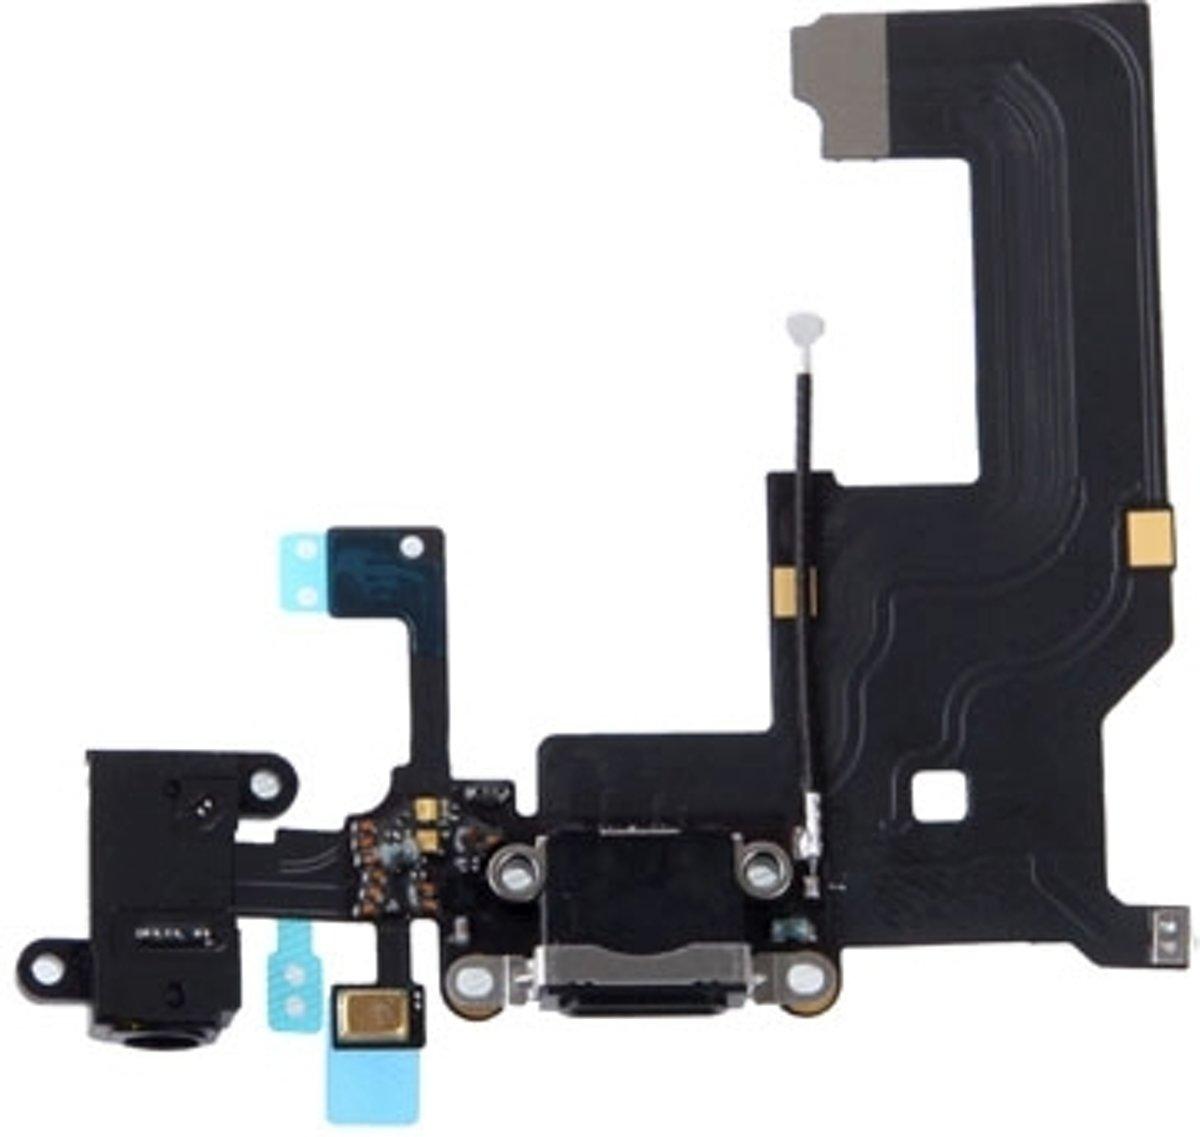 Stationsaansluiting met hoofdtelefoon Jack Flex kabel reparatie voor de iPhone 5 (zwart) kopen